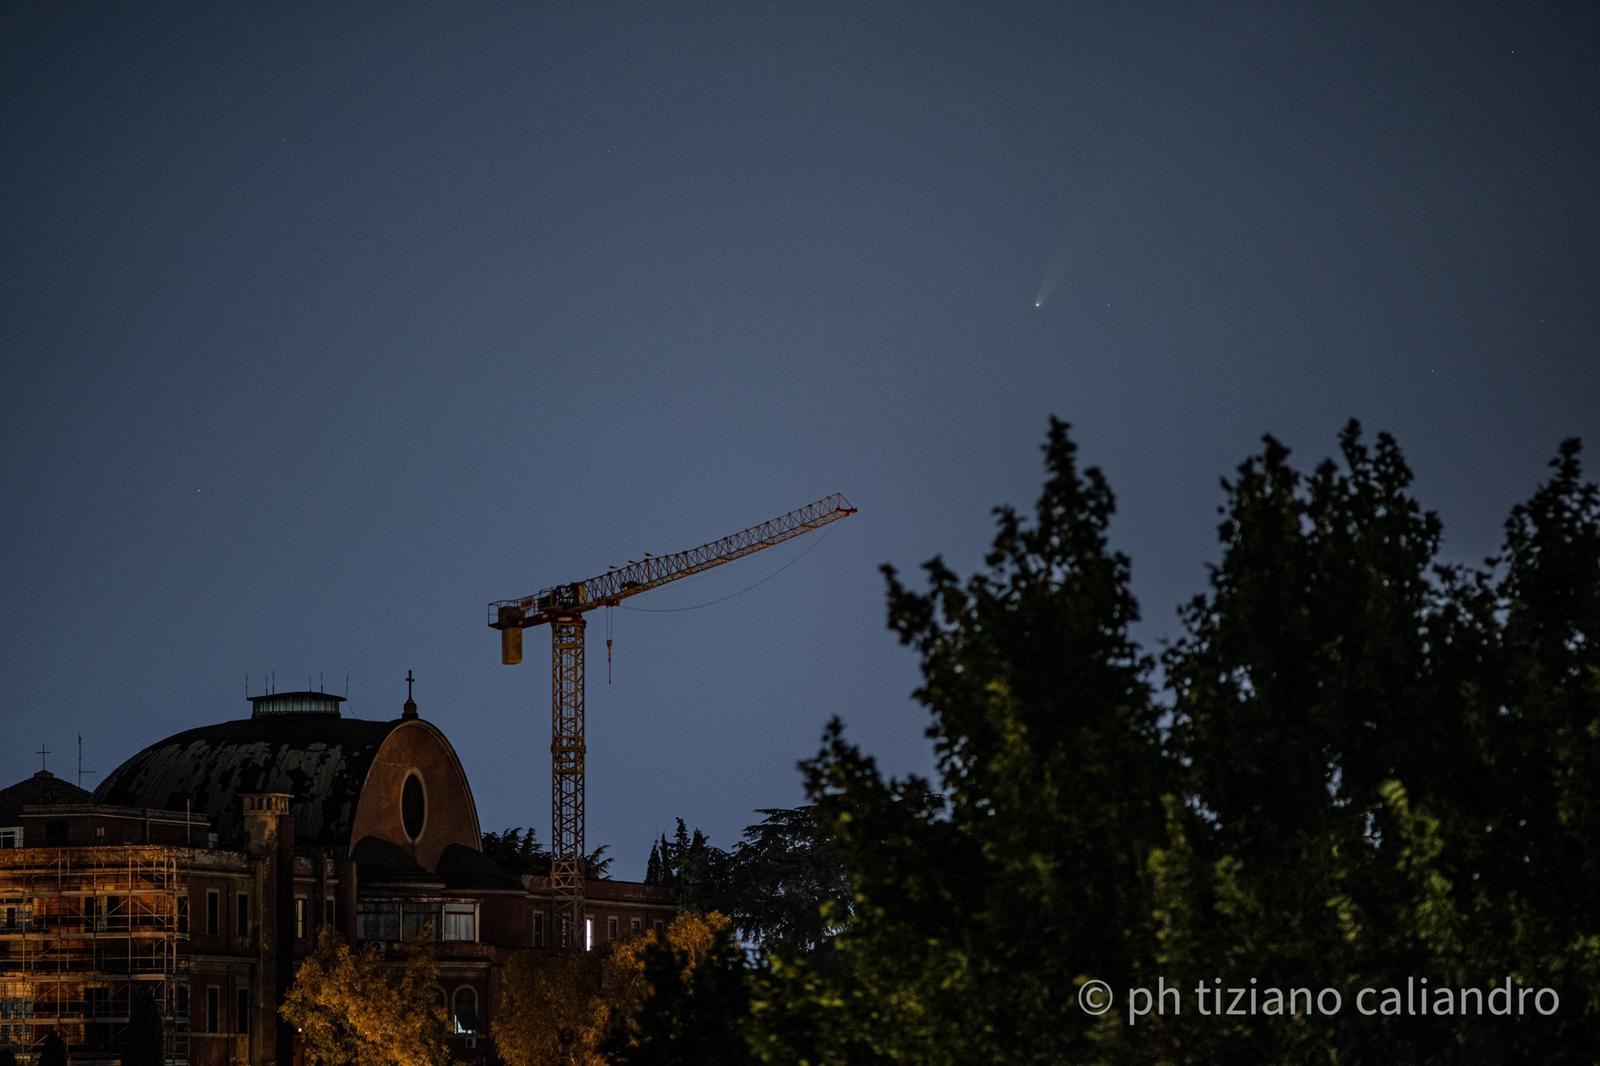 Tiziano Caliandro, foto panoramica (16 luglio)